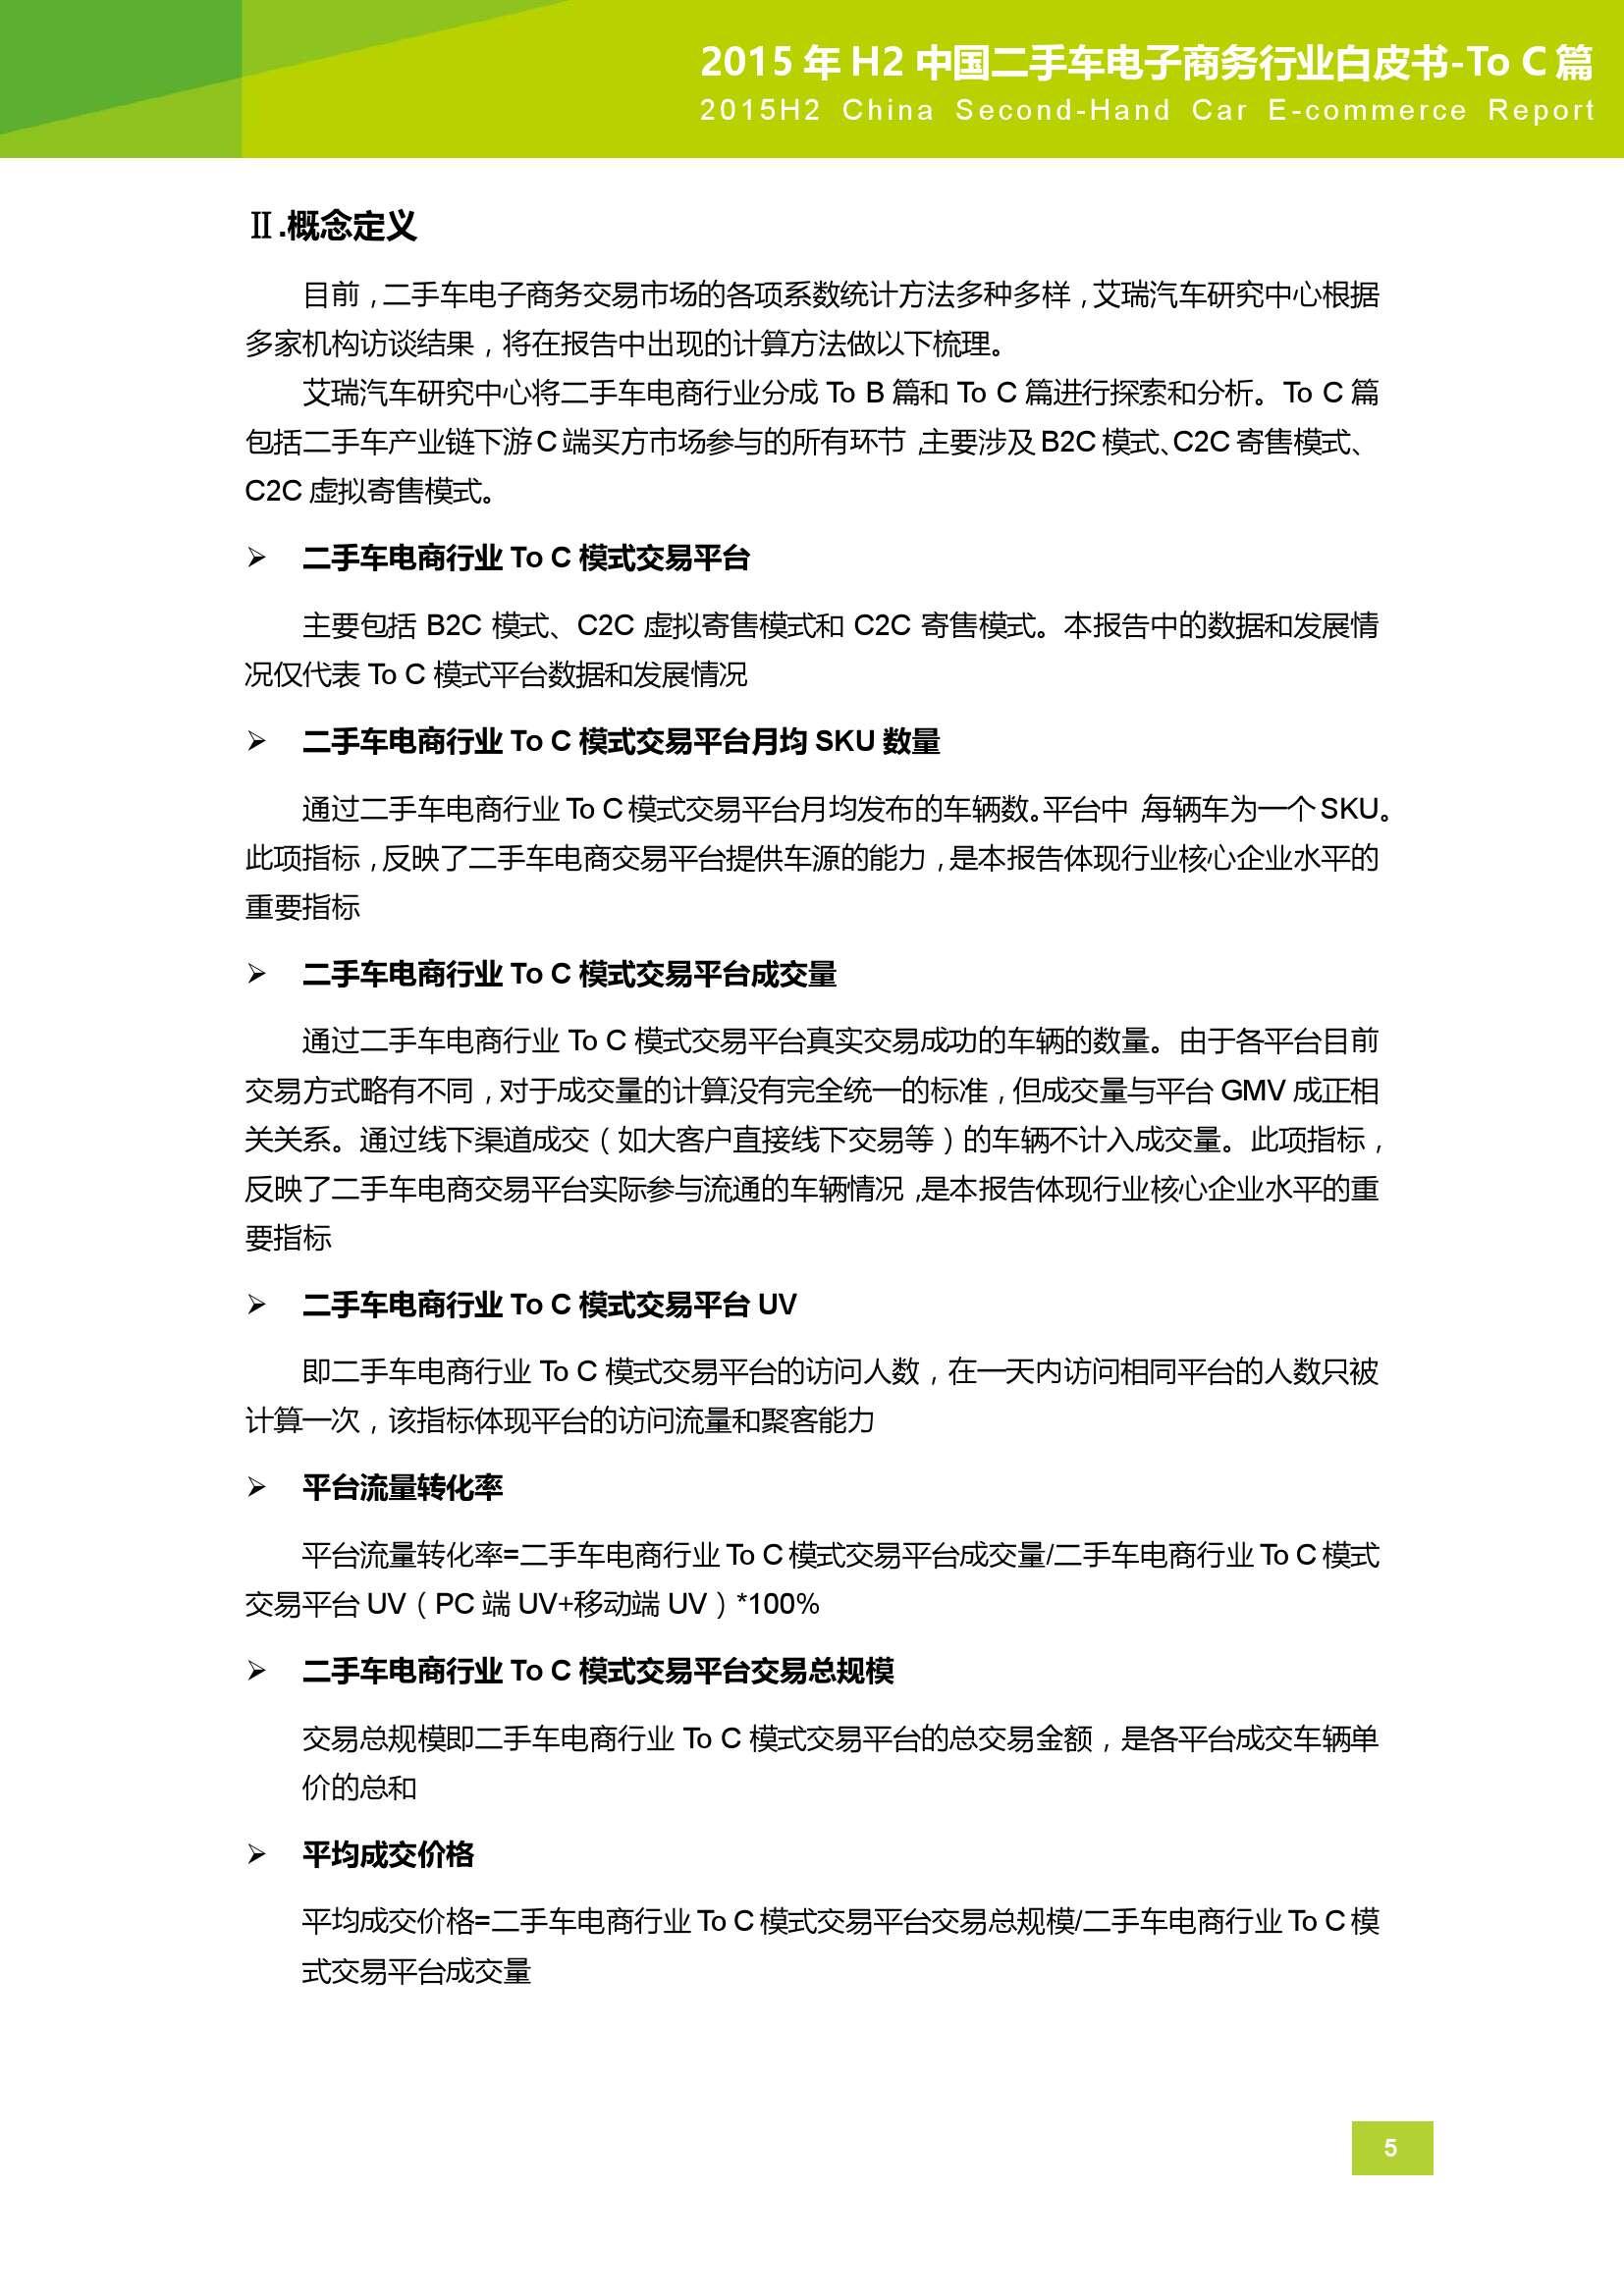 2015年H2中国二手车电子商务行业白皮书_000005